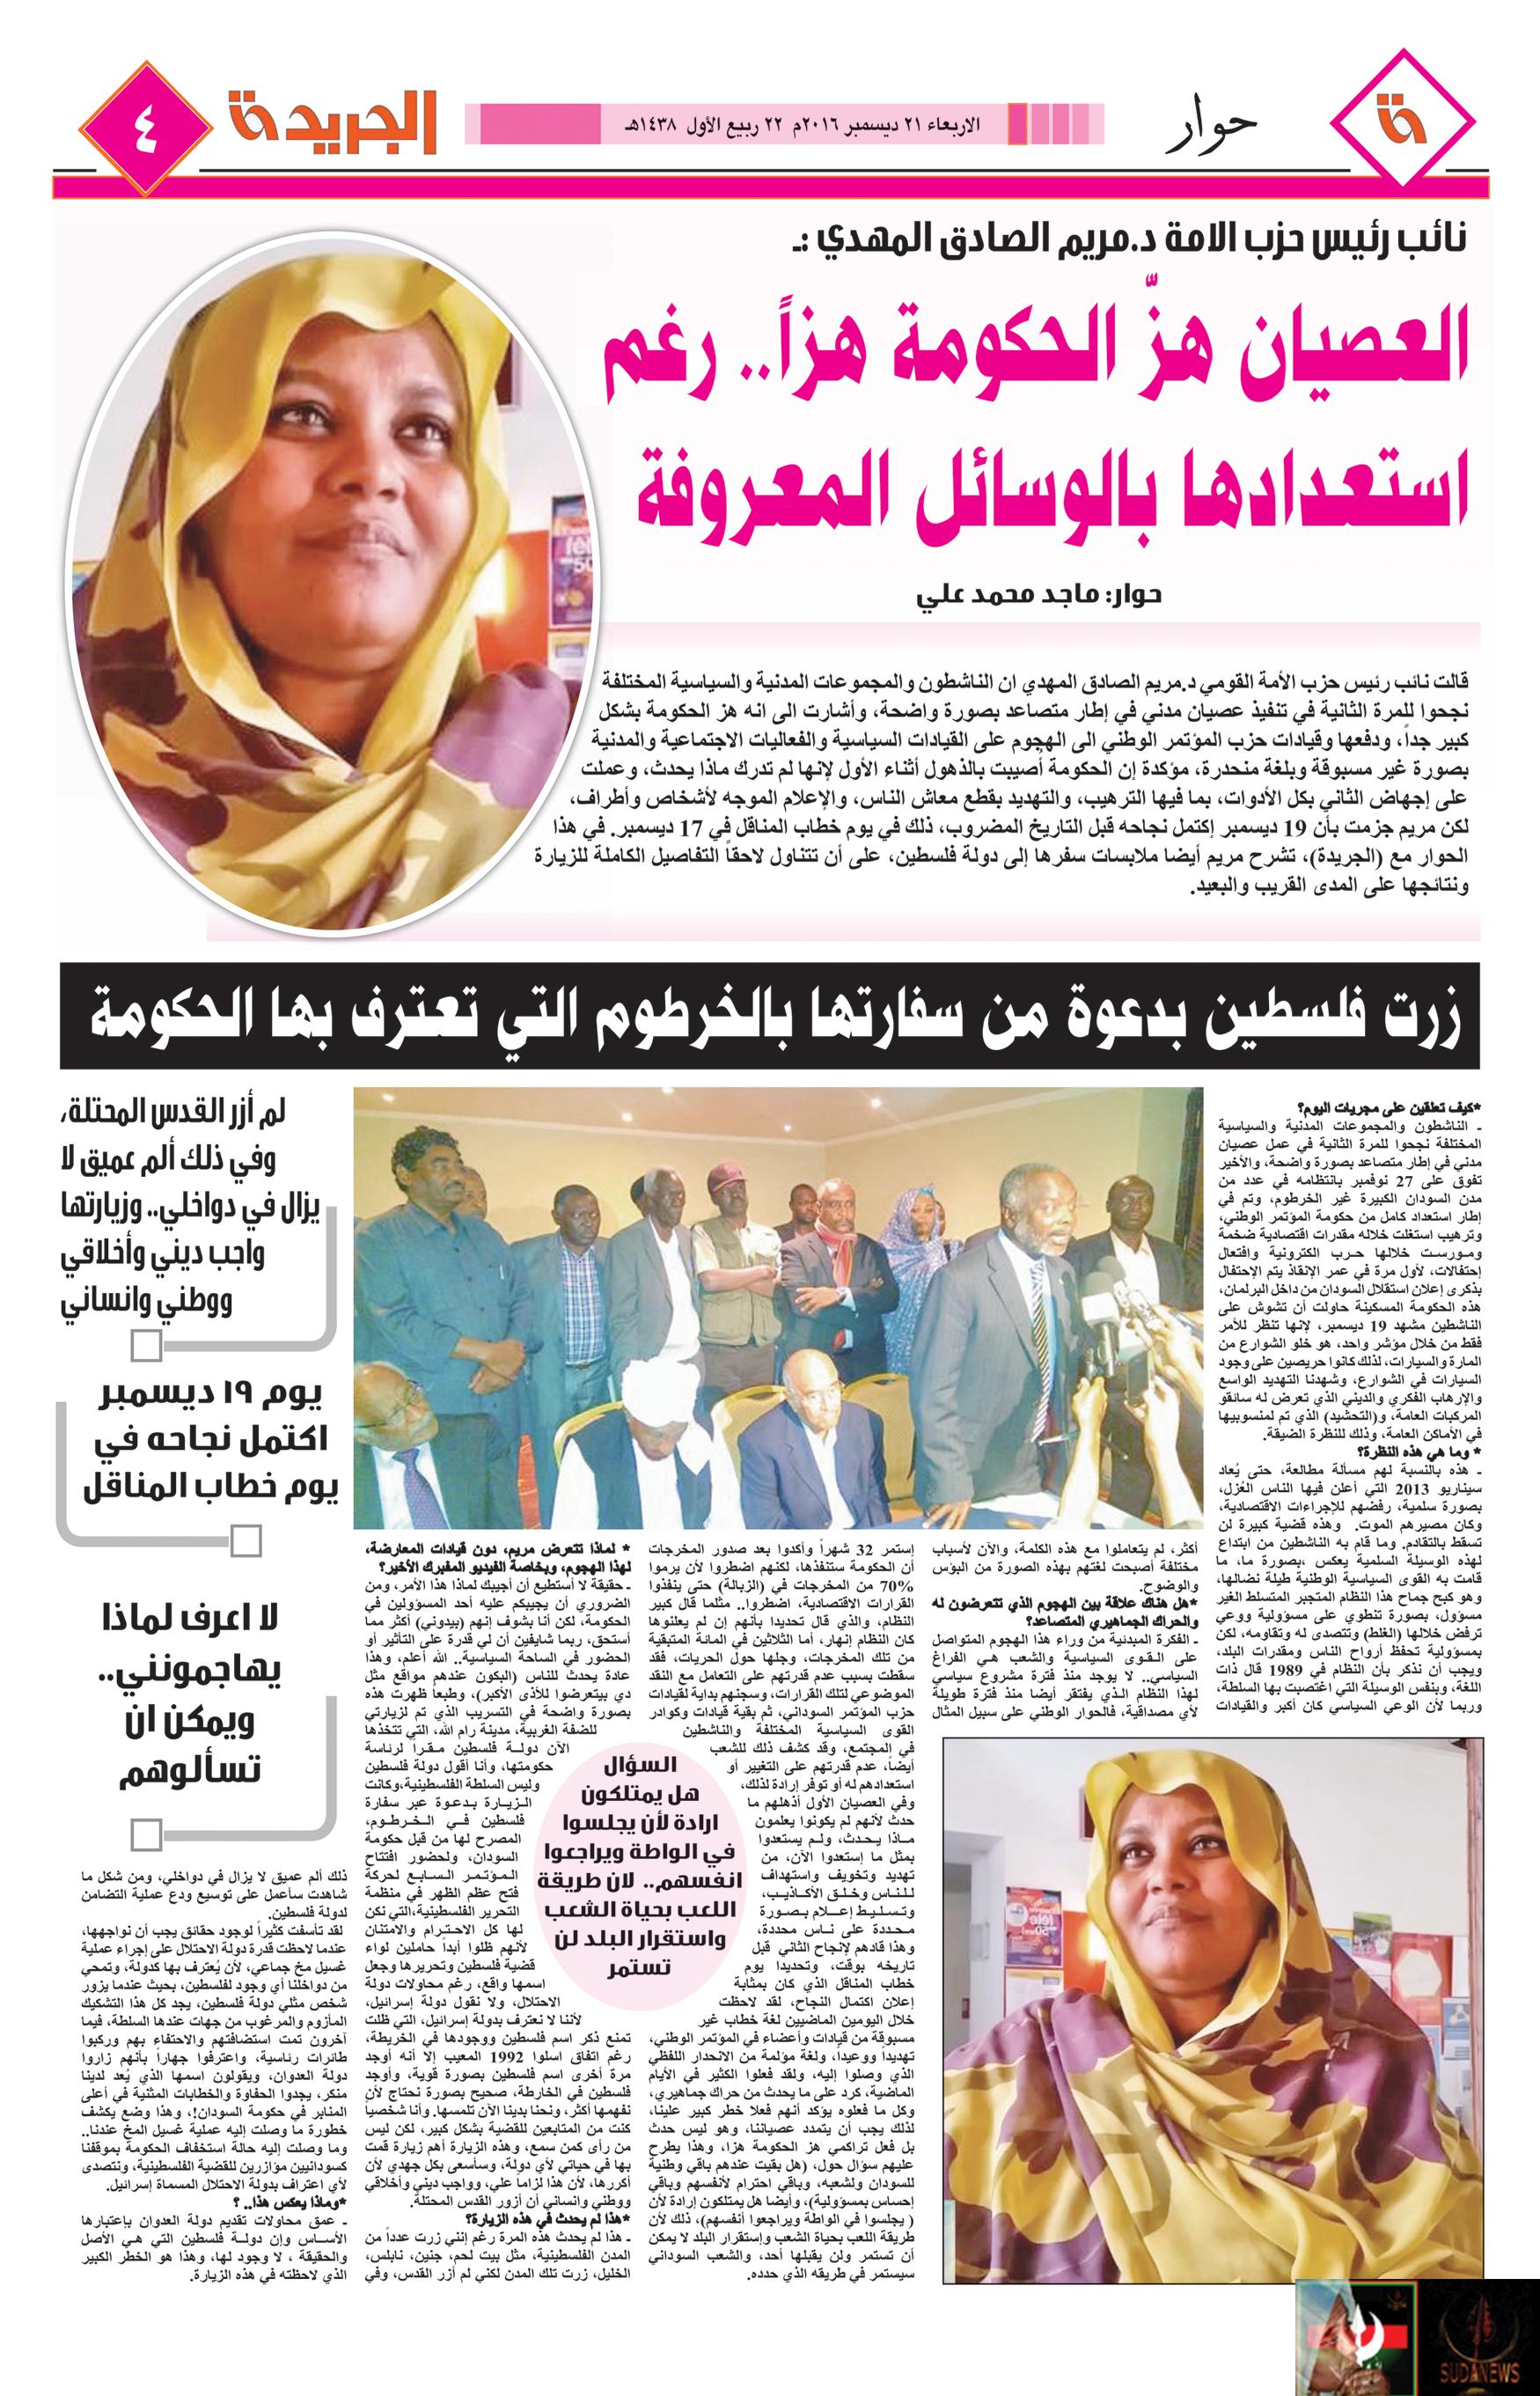 الجريدة في حوار مع الحبيبة الدكتورة مريم المنصورة المهدي نائبة رئيس حزب الأمة القومي